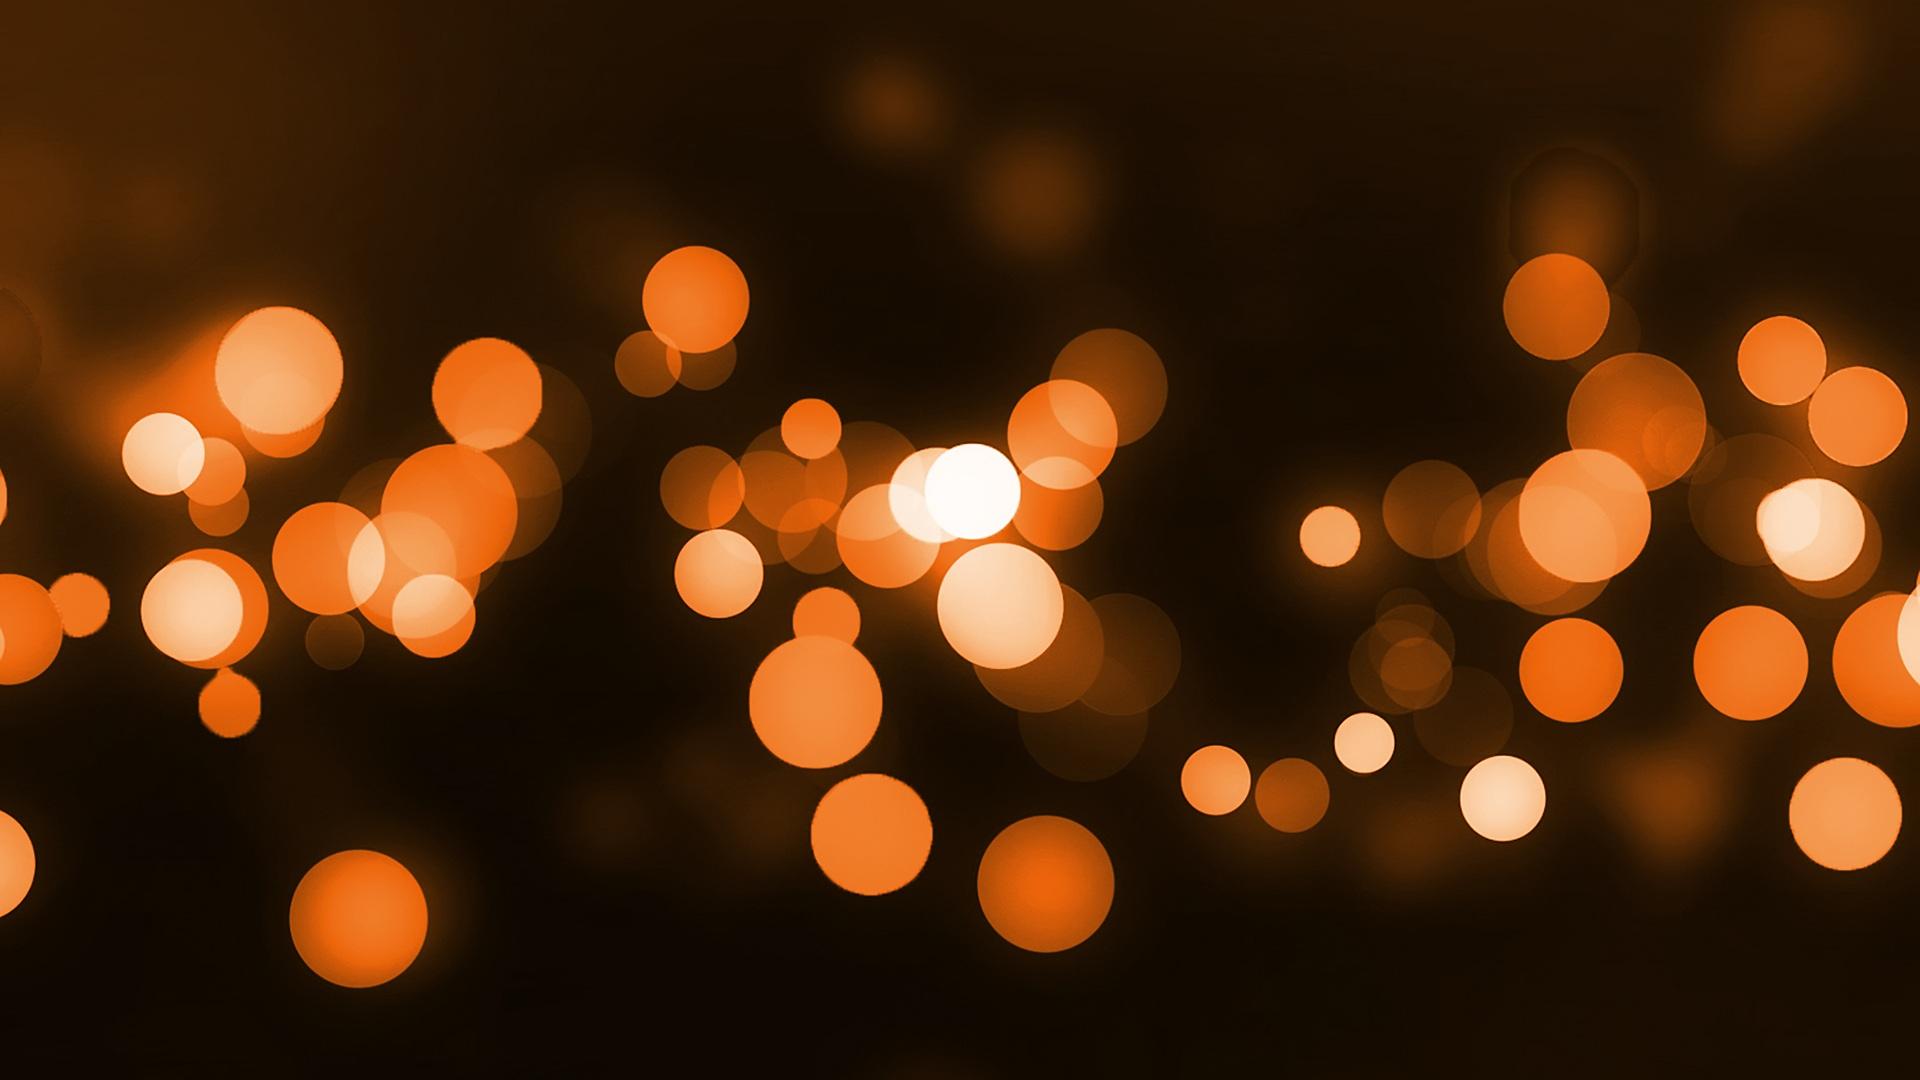 Artistic   Lights Light Artistic Wallpaper 1920x1080